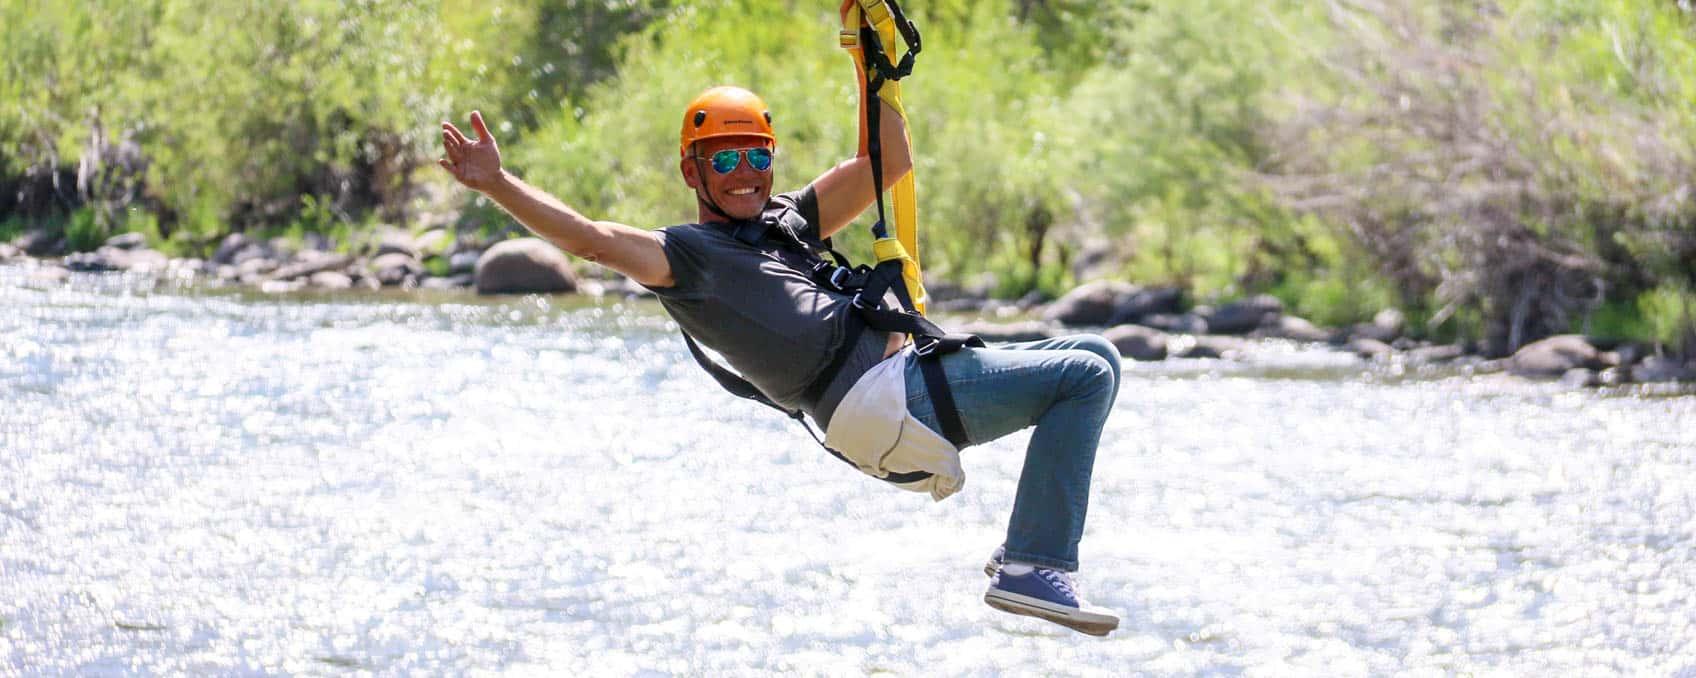 man-ziplining-waving